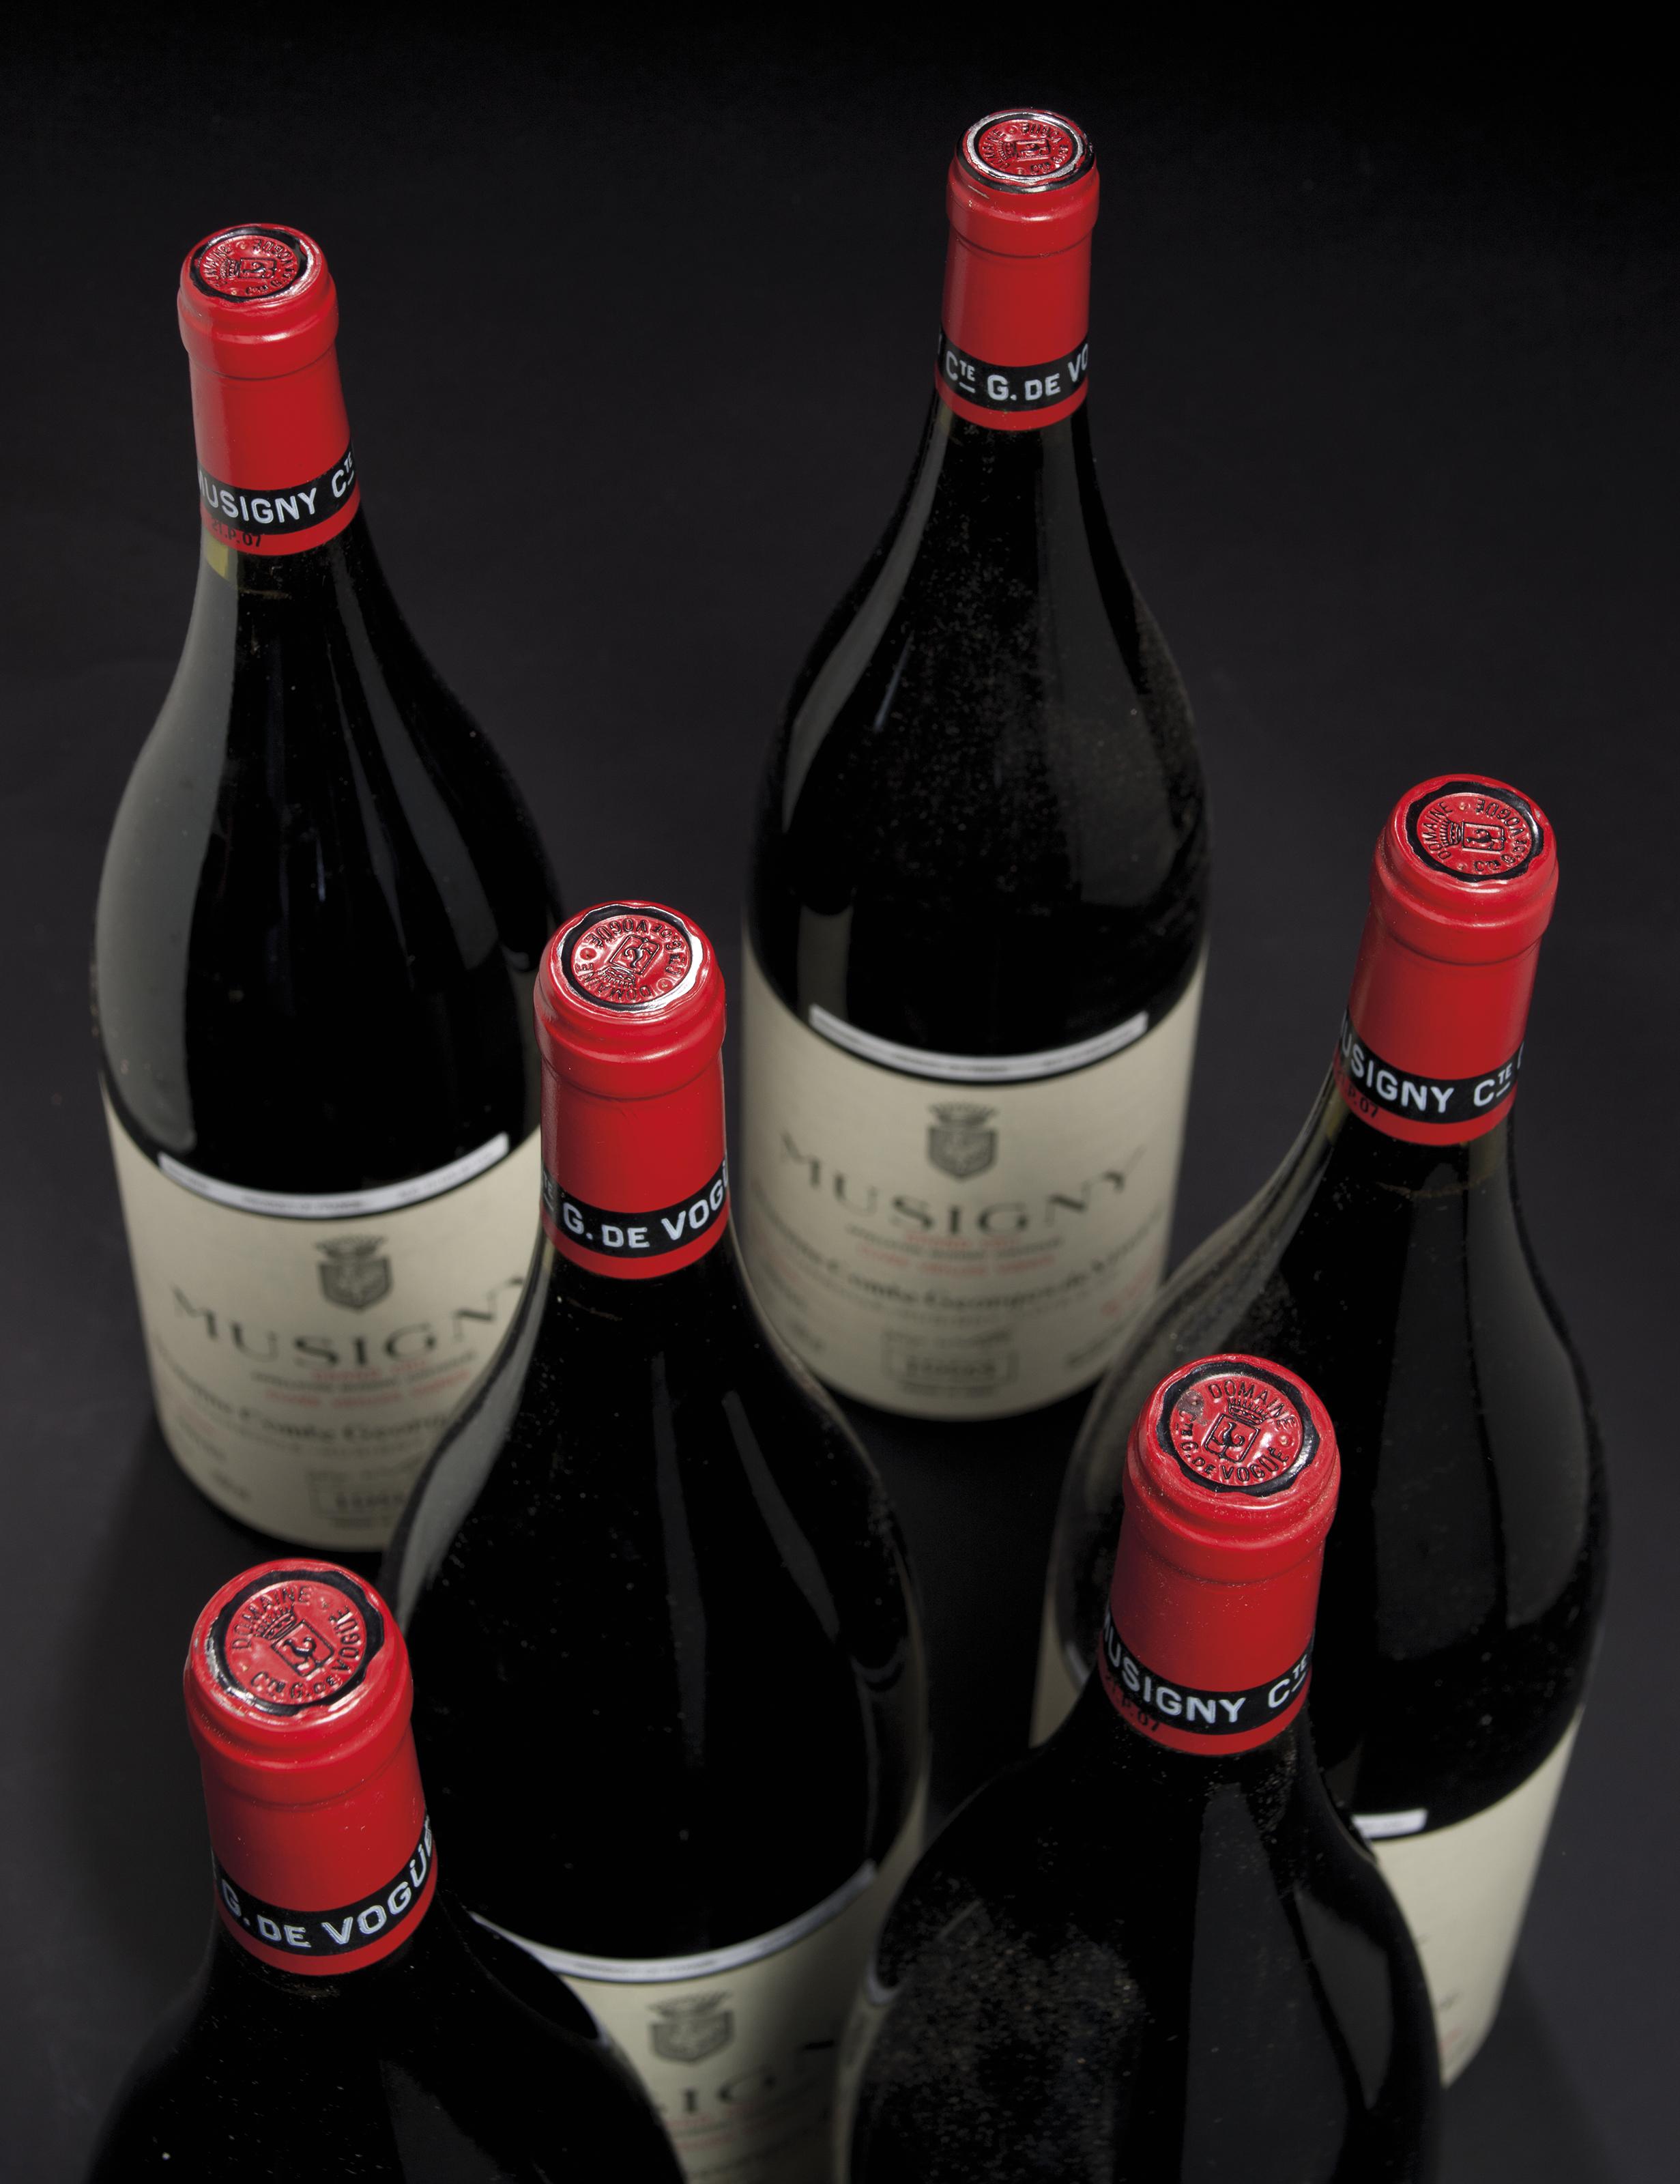 de Vogüé, Musigny Vieilles Vignes 1993